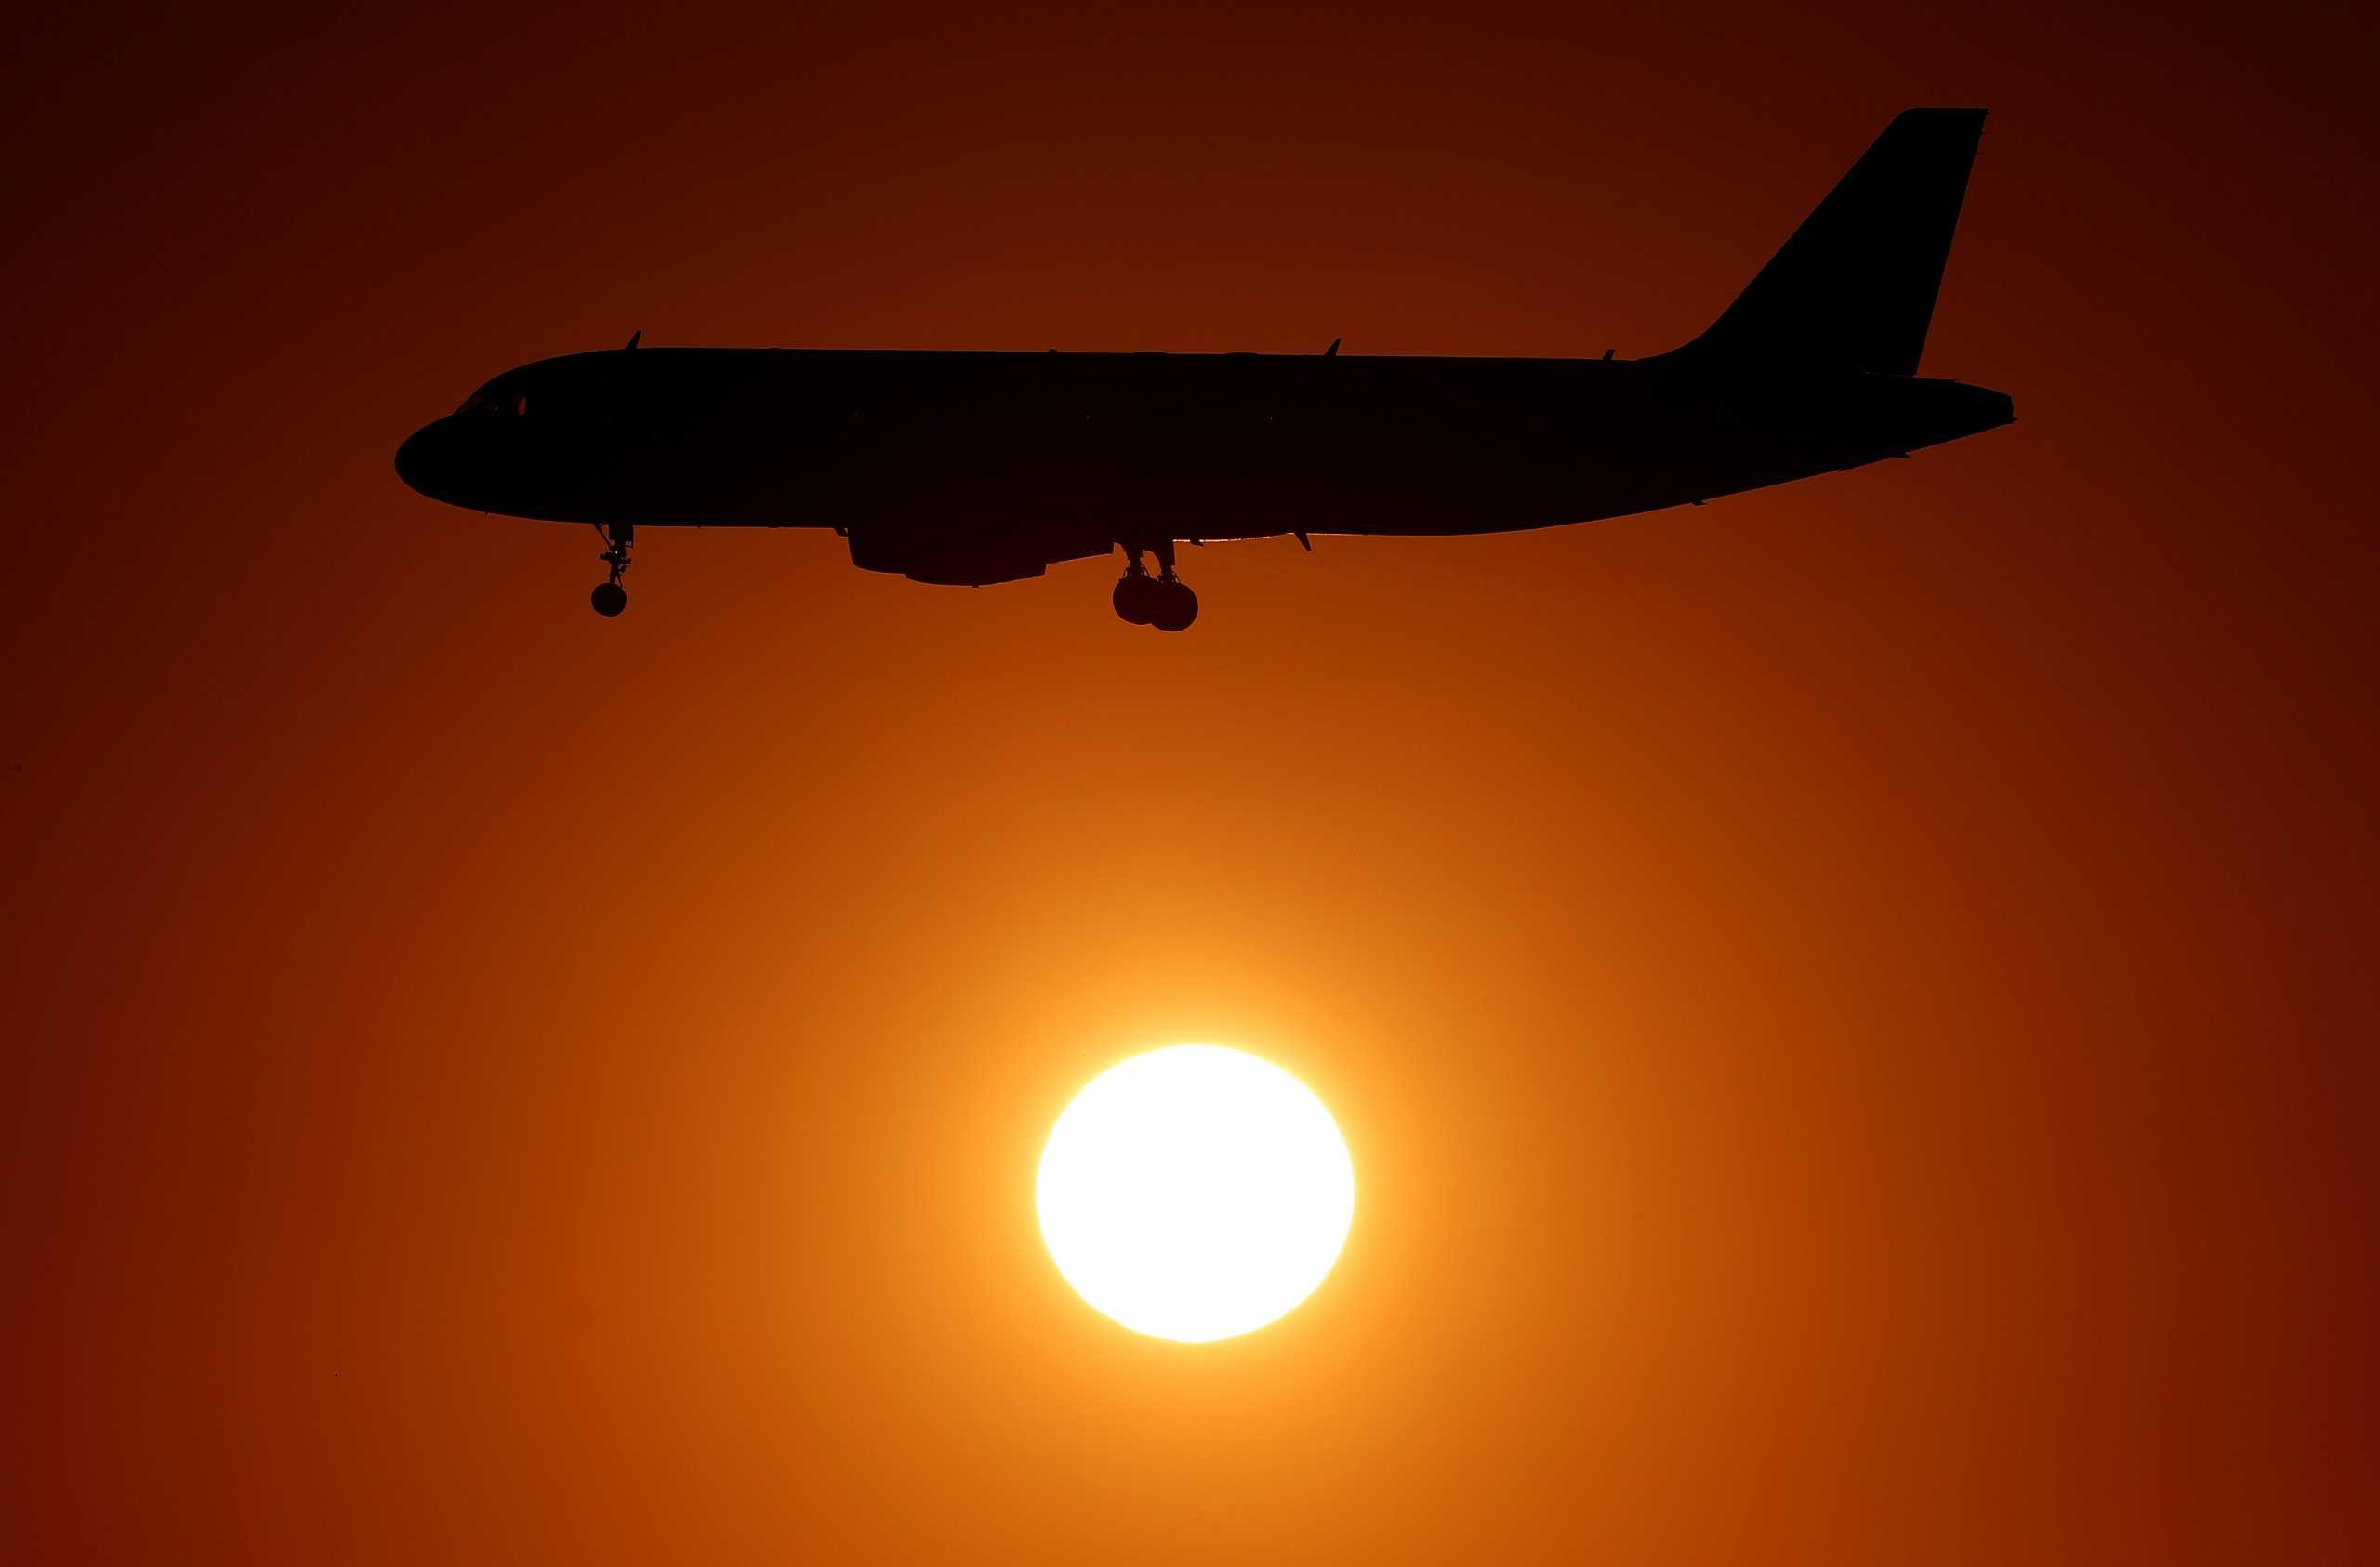 Τελευταία πτήση για την ιστορική Alitalia – Η Ita παίρνει τη σκυτάλη